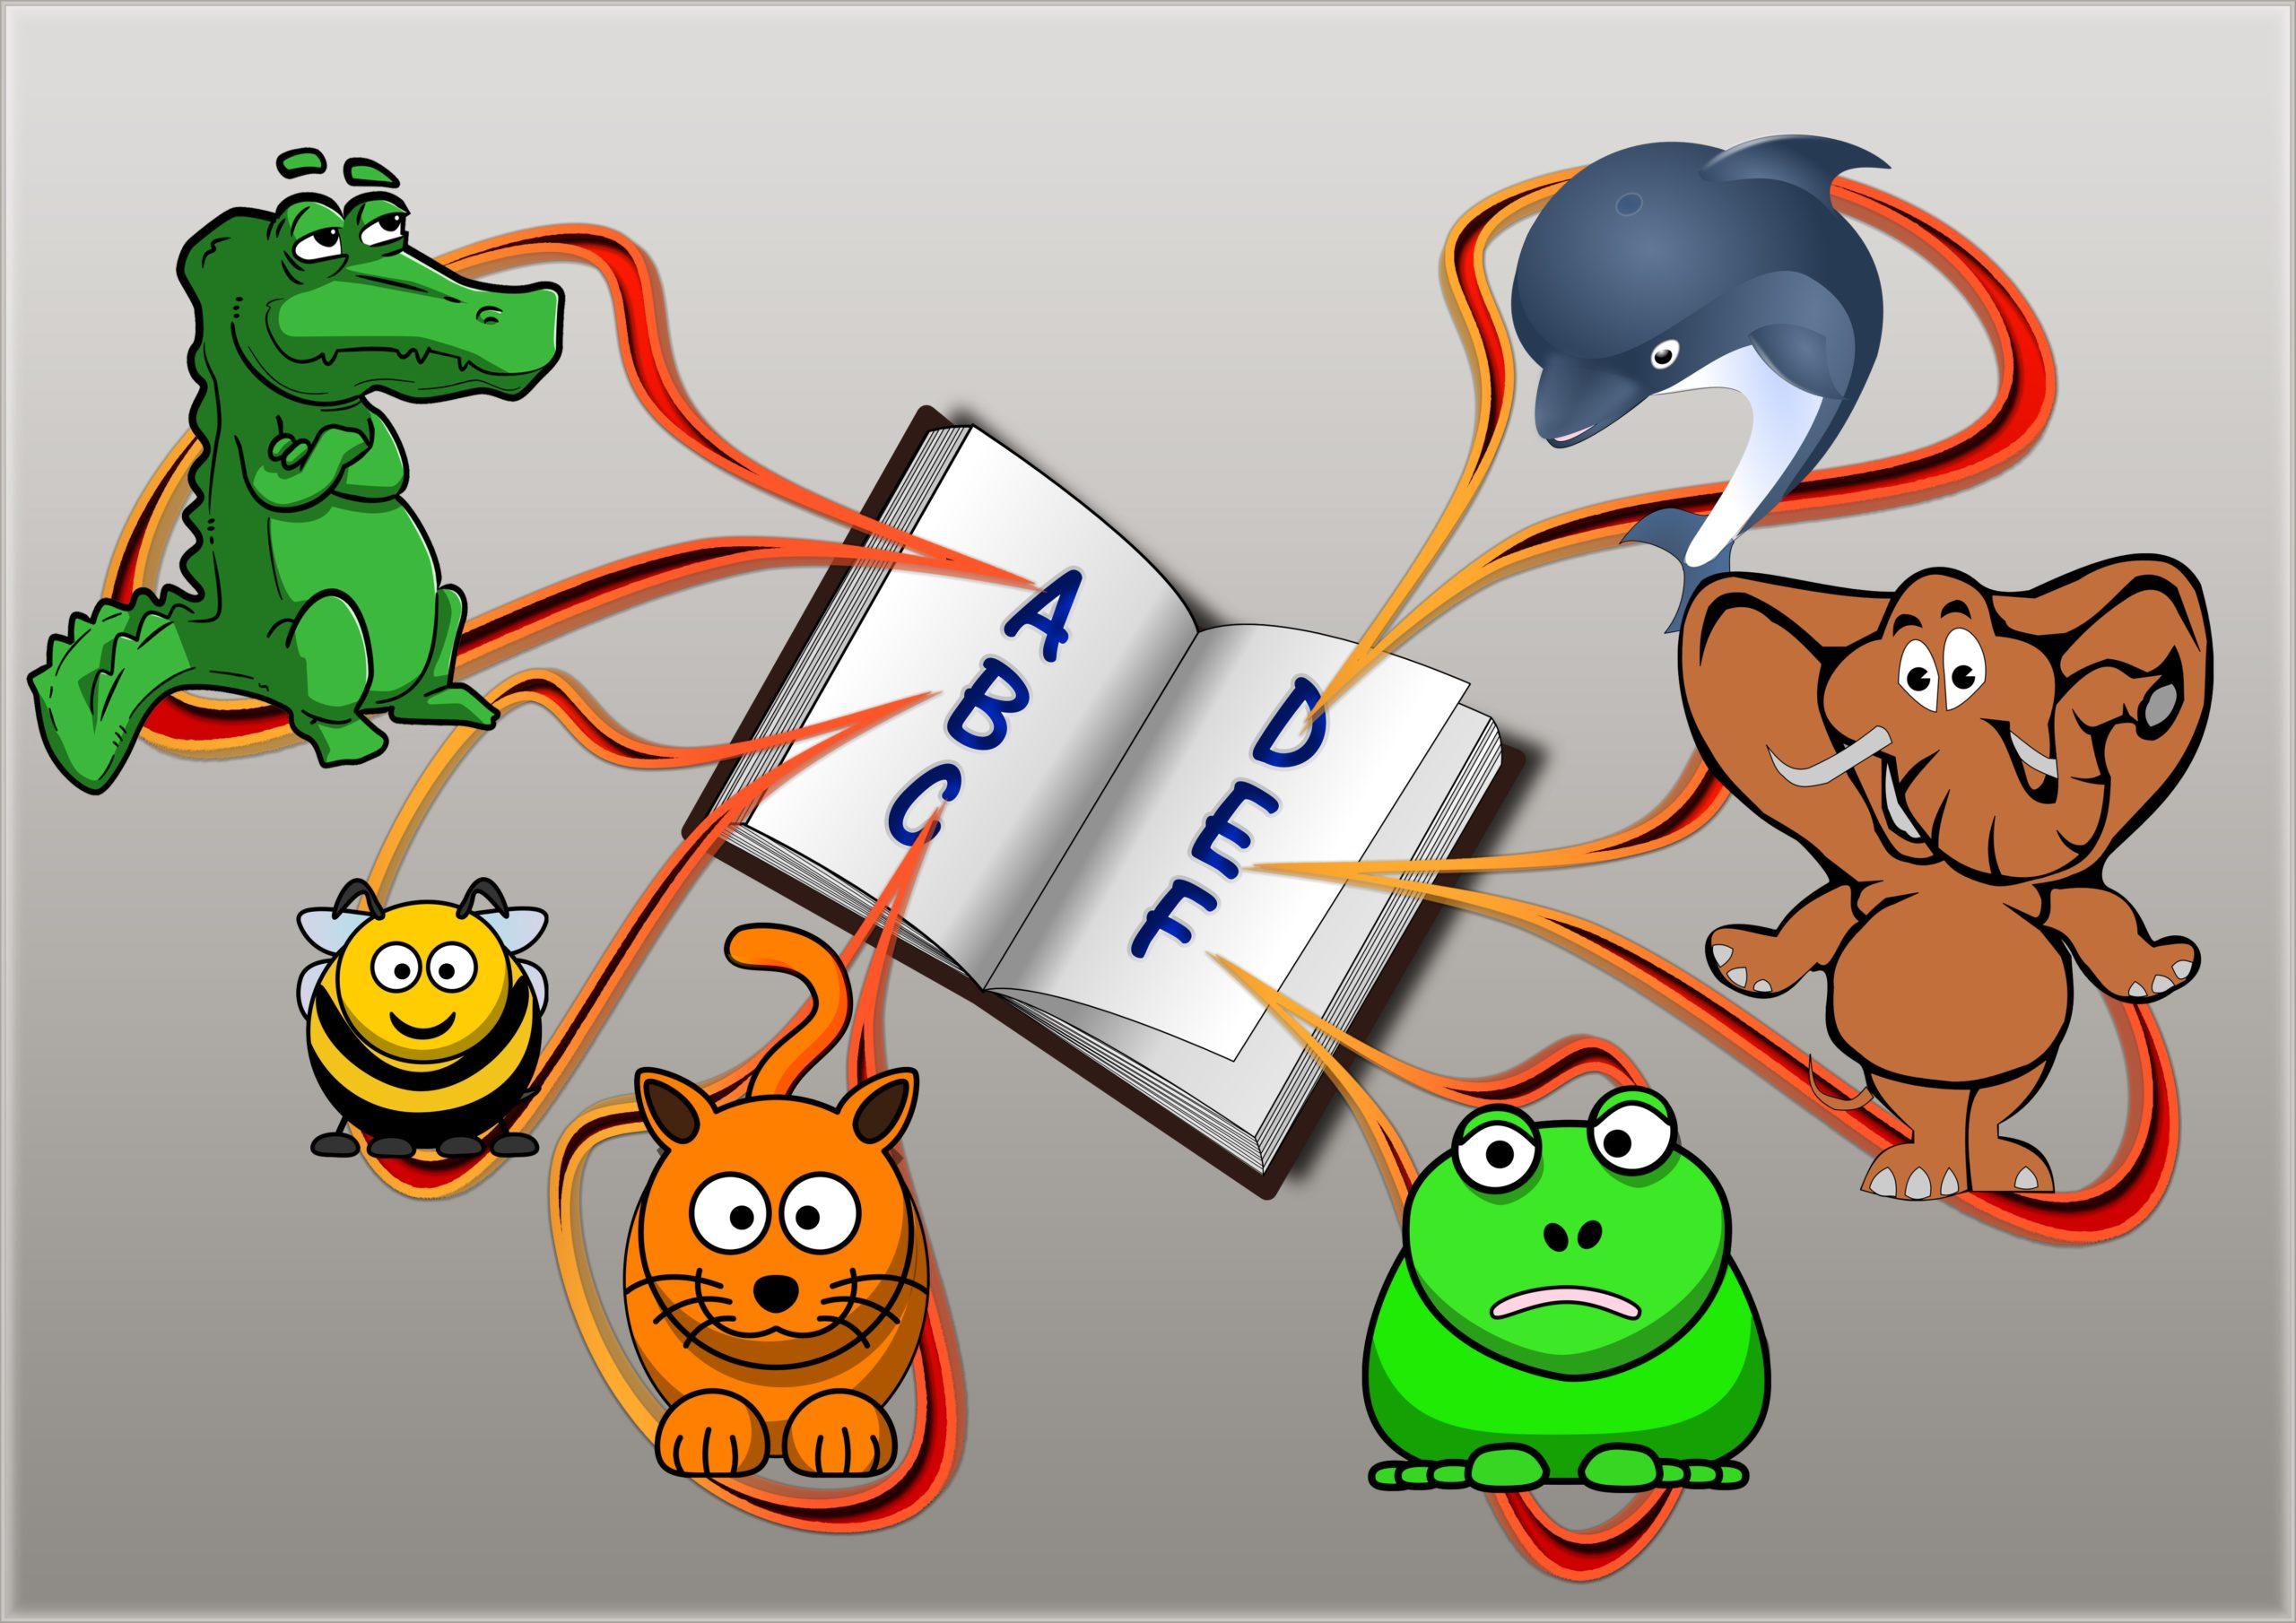 Jacaré, abelha, gato, sapo, elefante, golfinho e livro. Imagem ilustrativa texto crianças e animais.